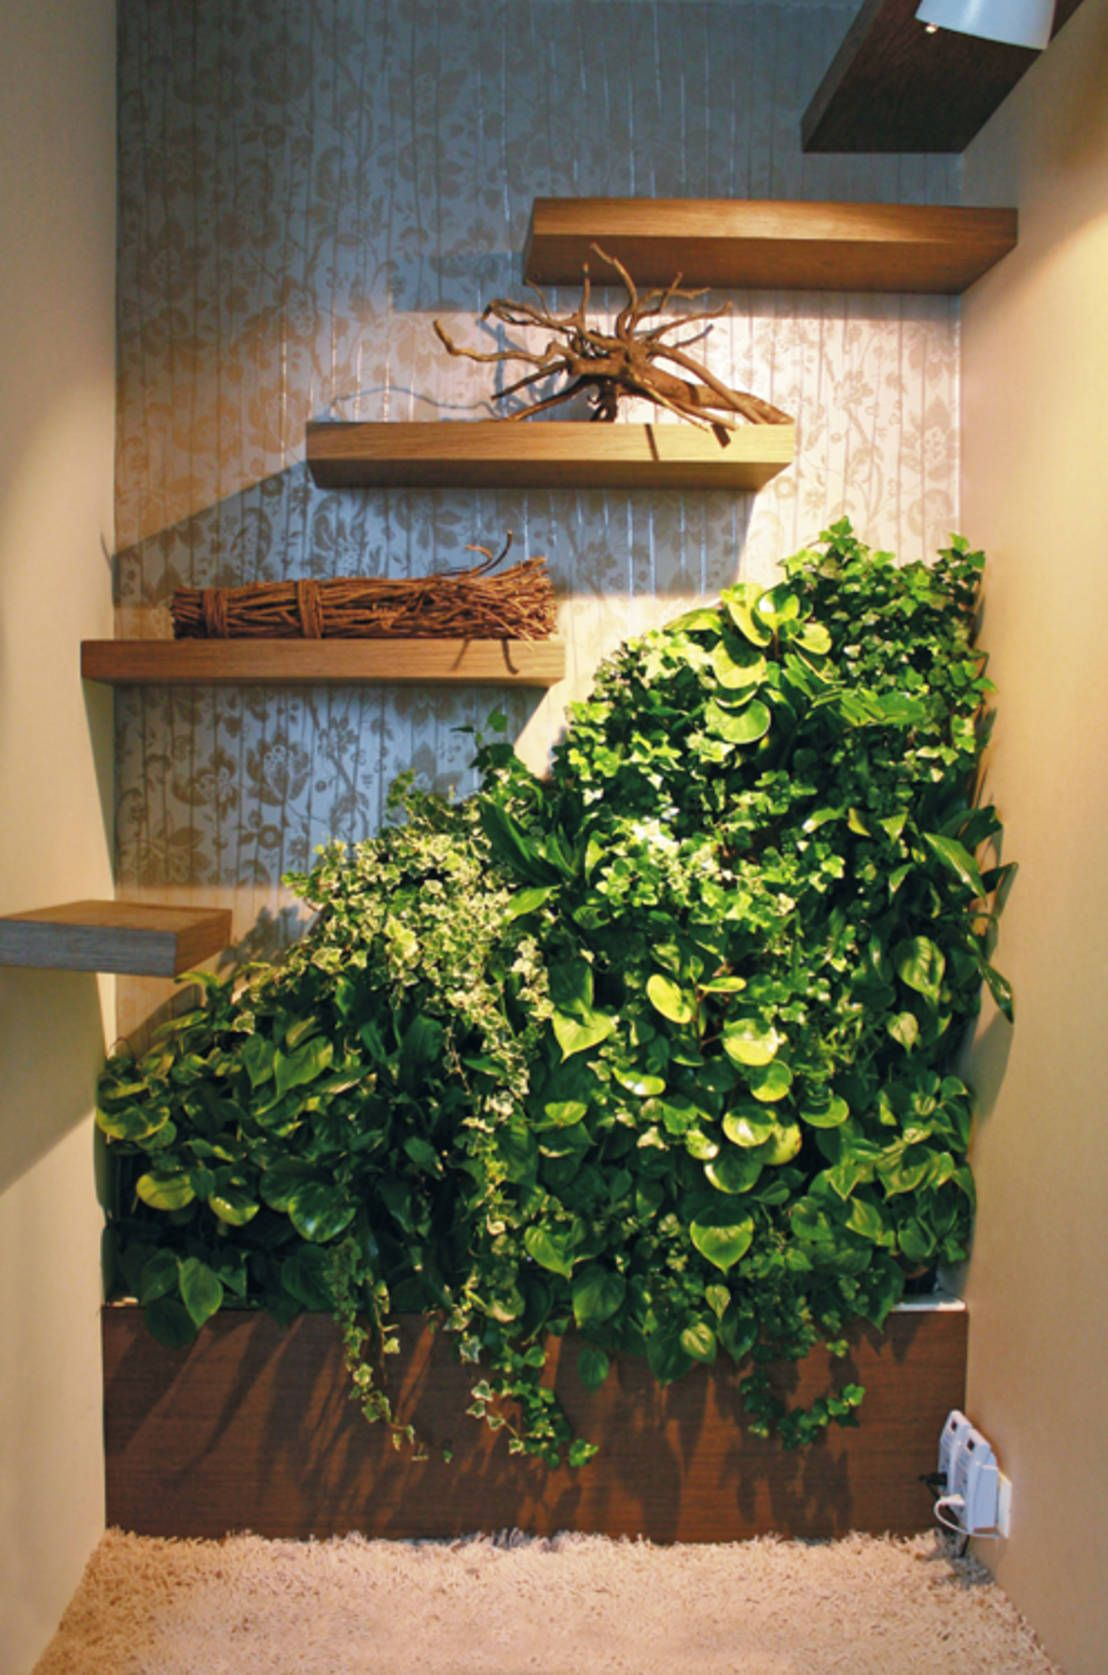 die besten zimmerpflanzen f r deine wohnung zimmerpflanzen pinterest pflanzen. Black Bedroom Furniture Sets. Home Design Ideas